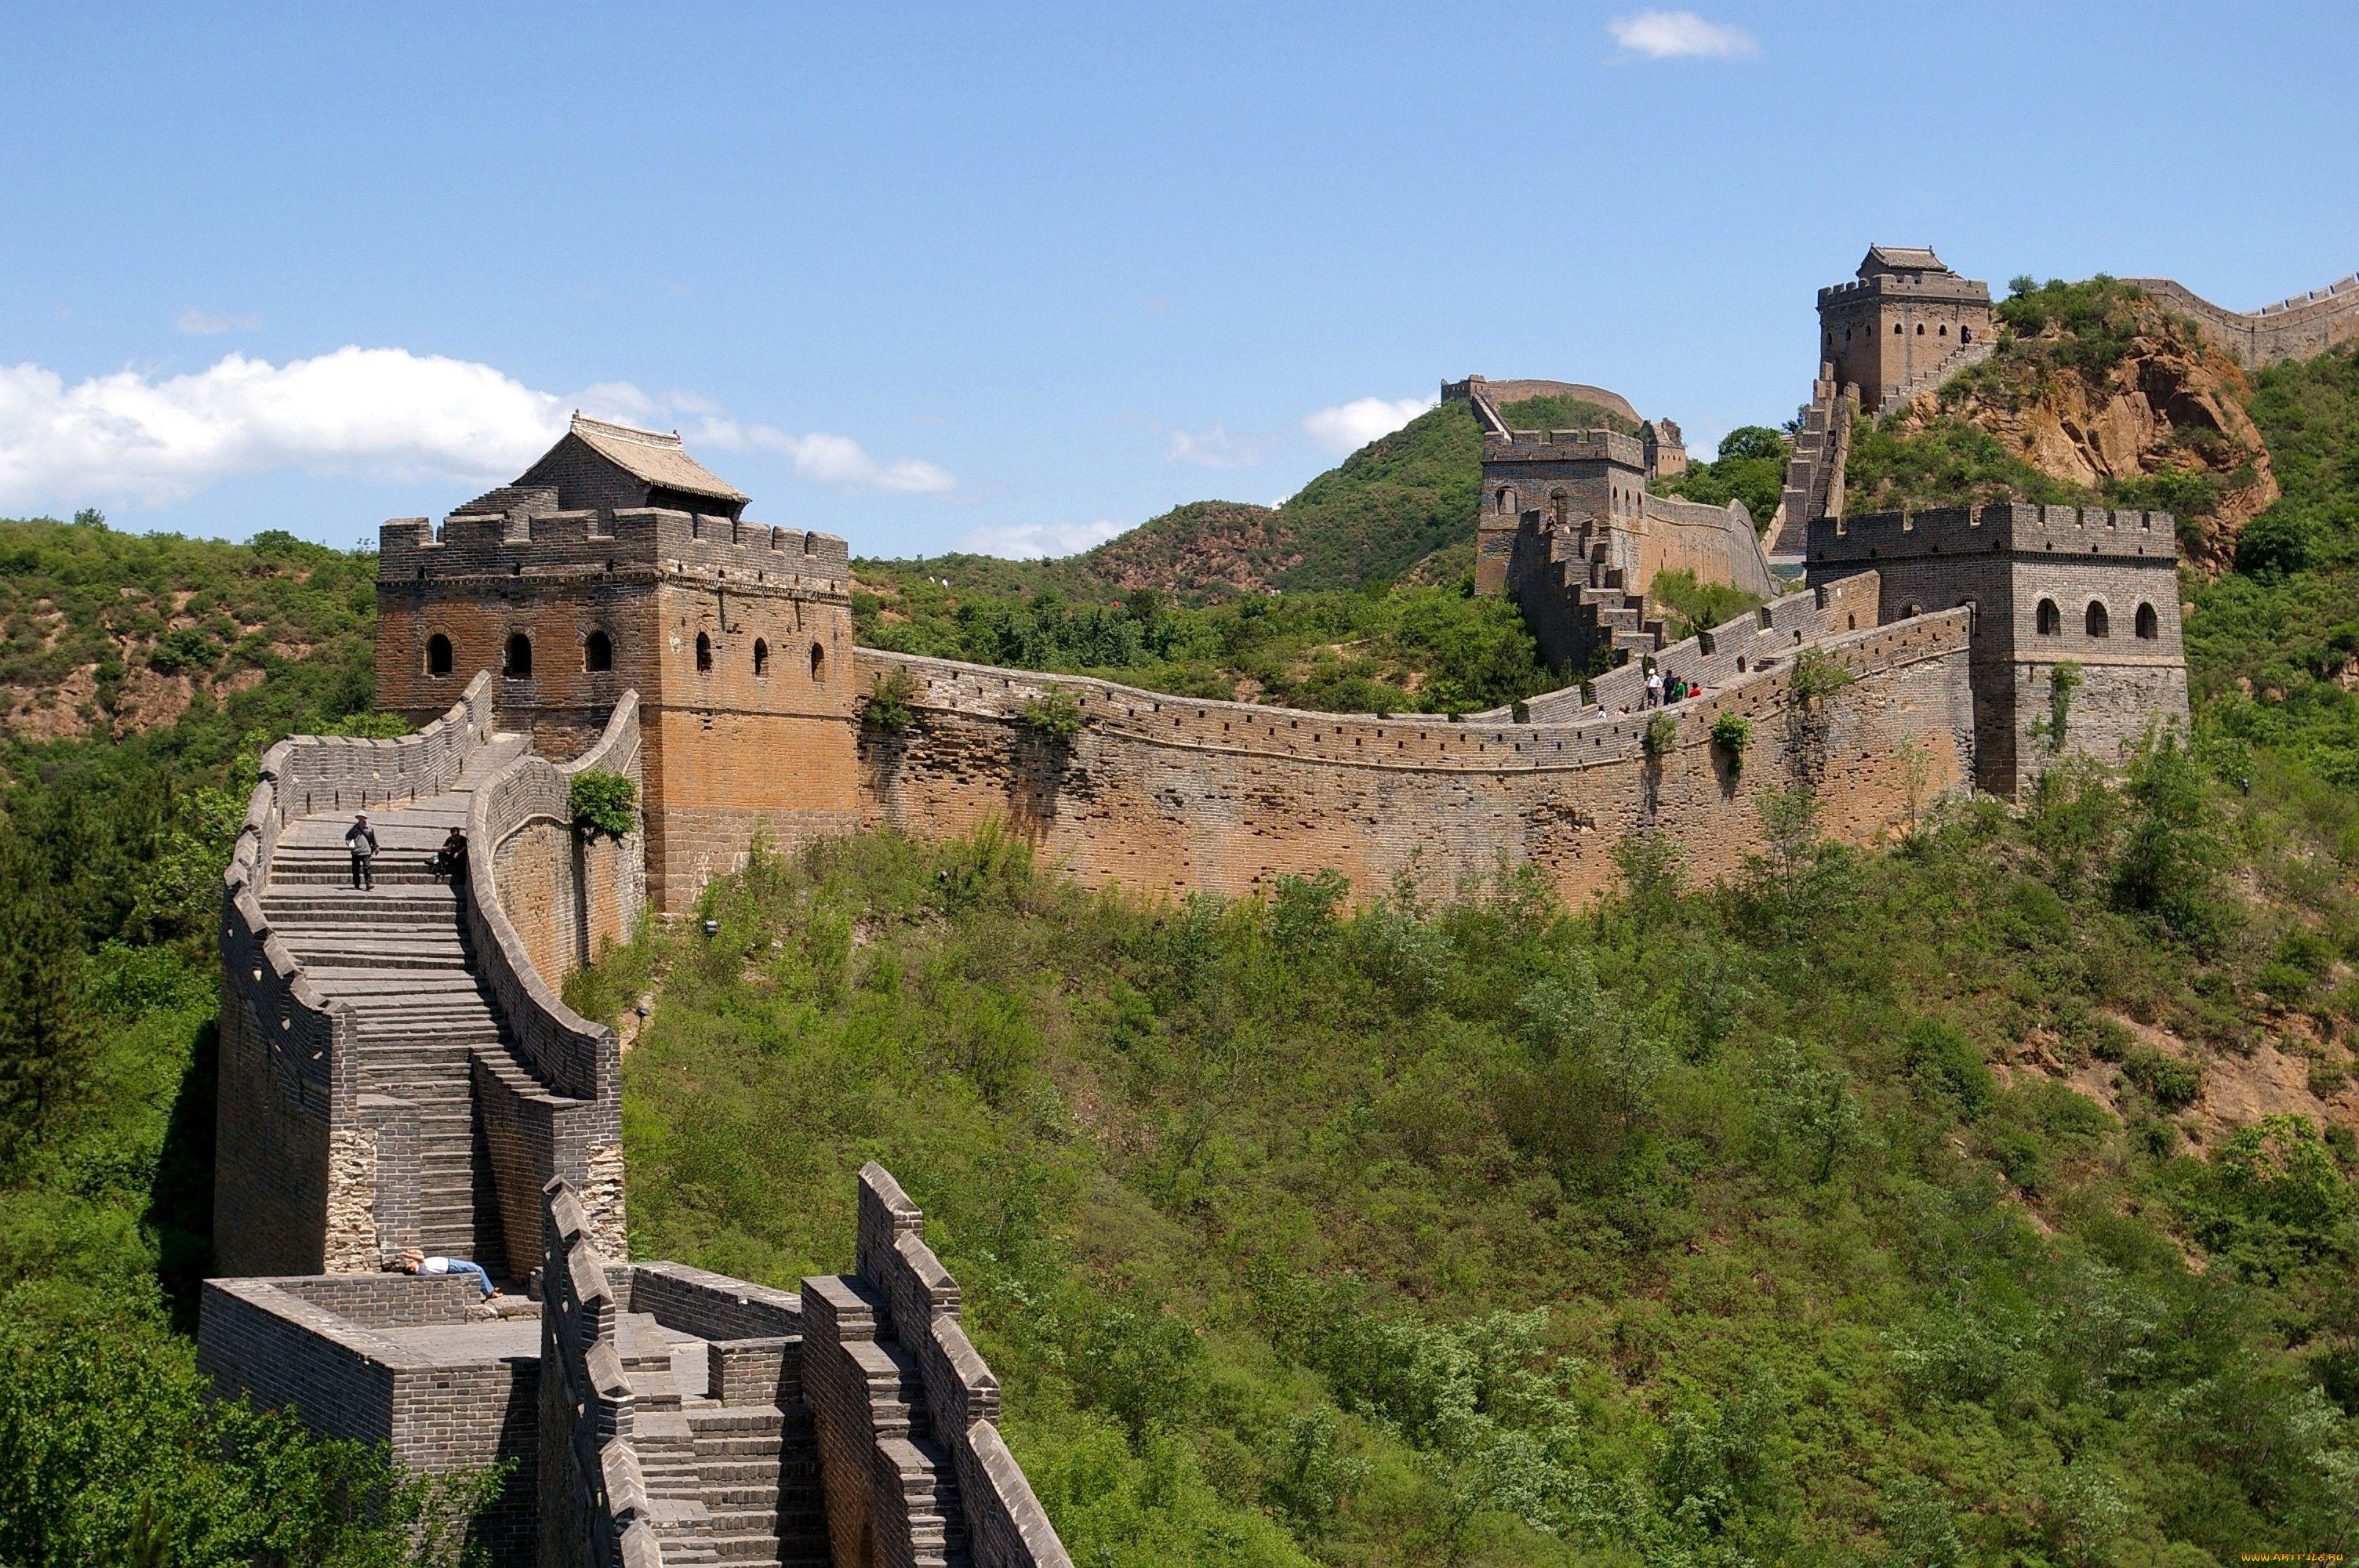 ехали китайская стена картинки счастья очень верного